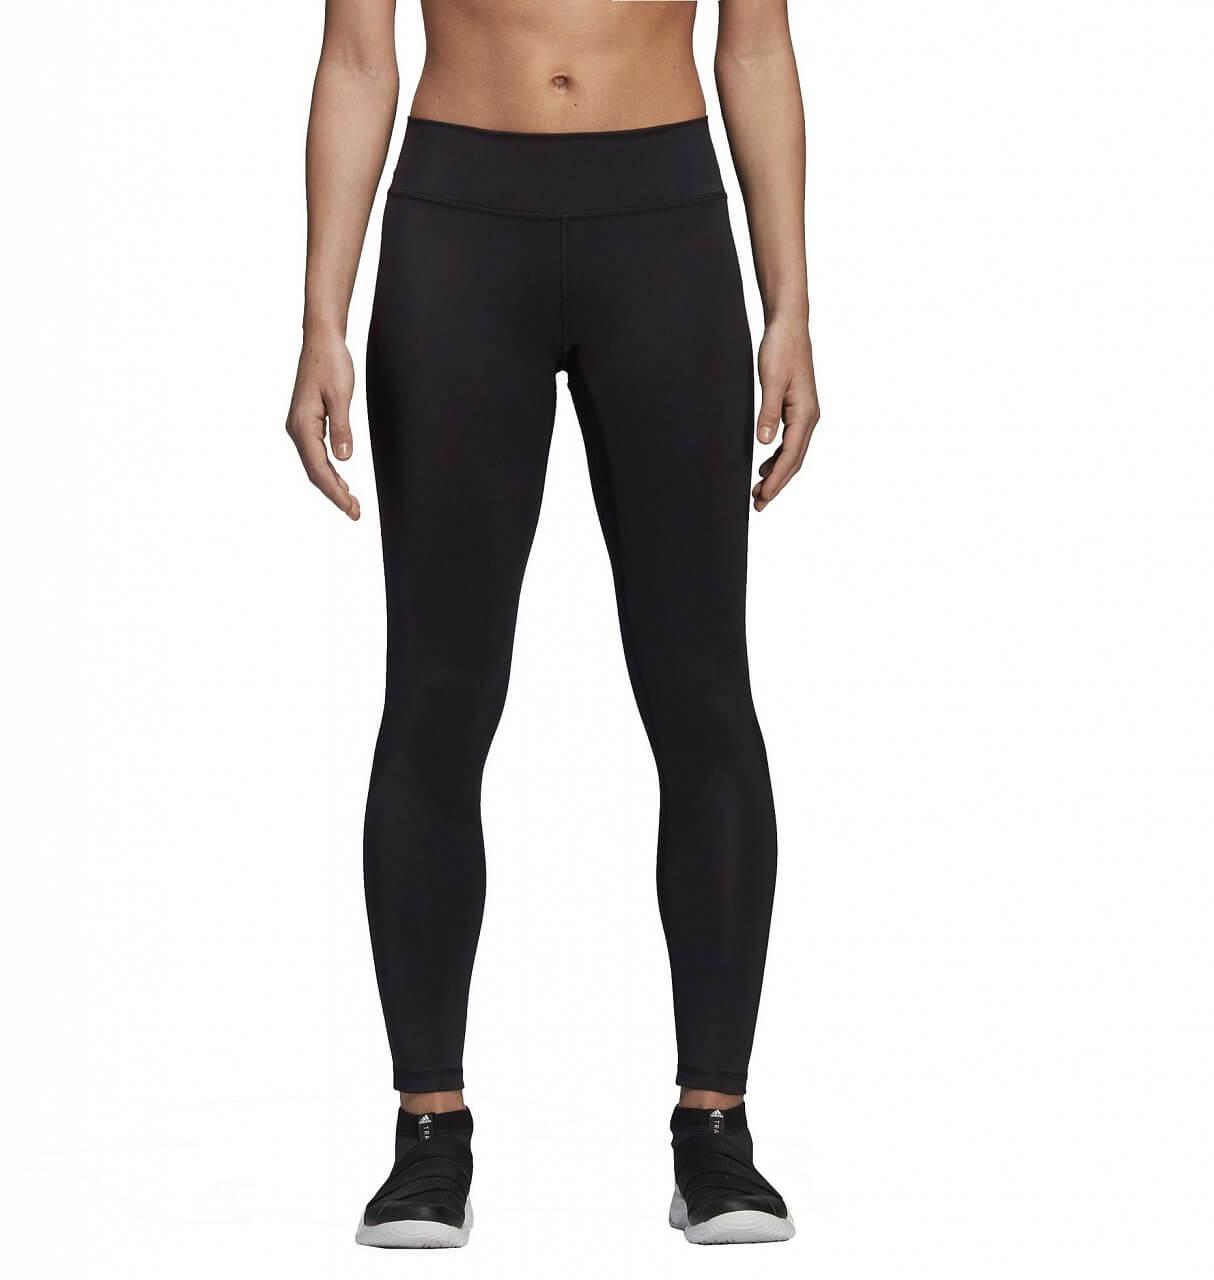 Dámské sportovní kalhoty adidas Believe This Regular Rise 7/8 Tight